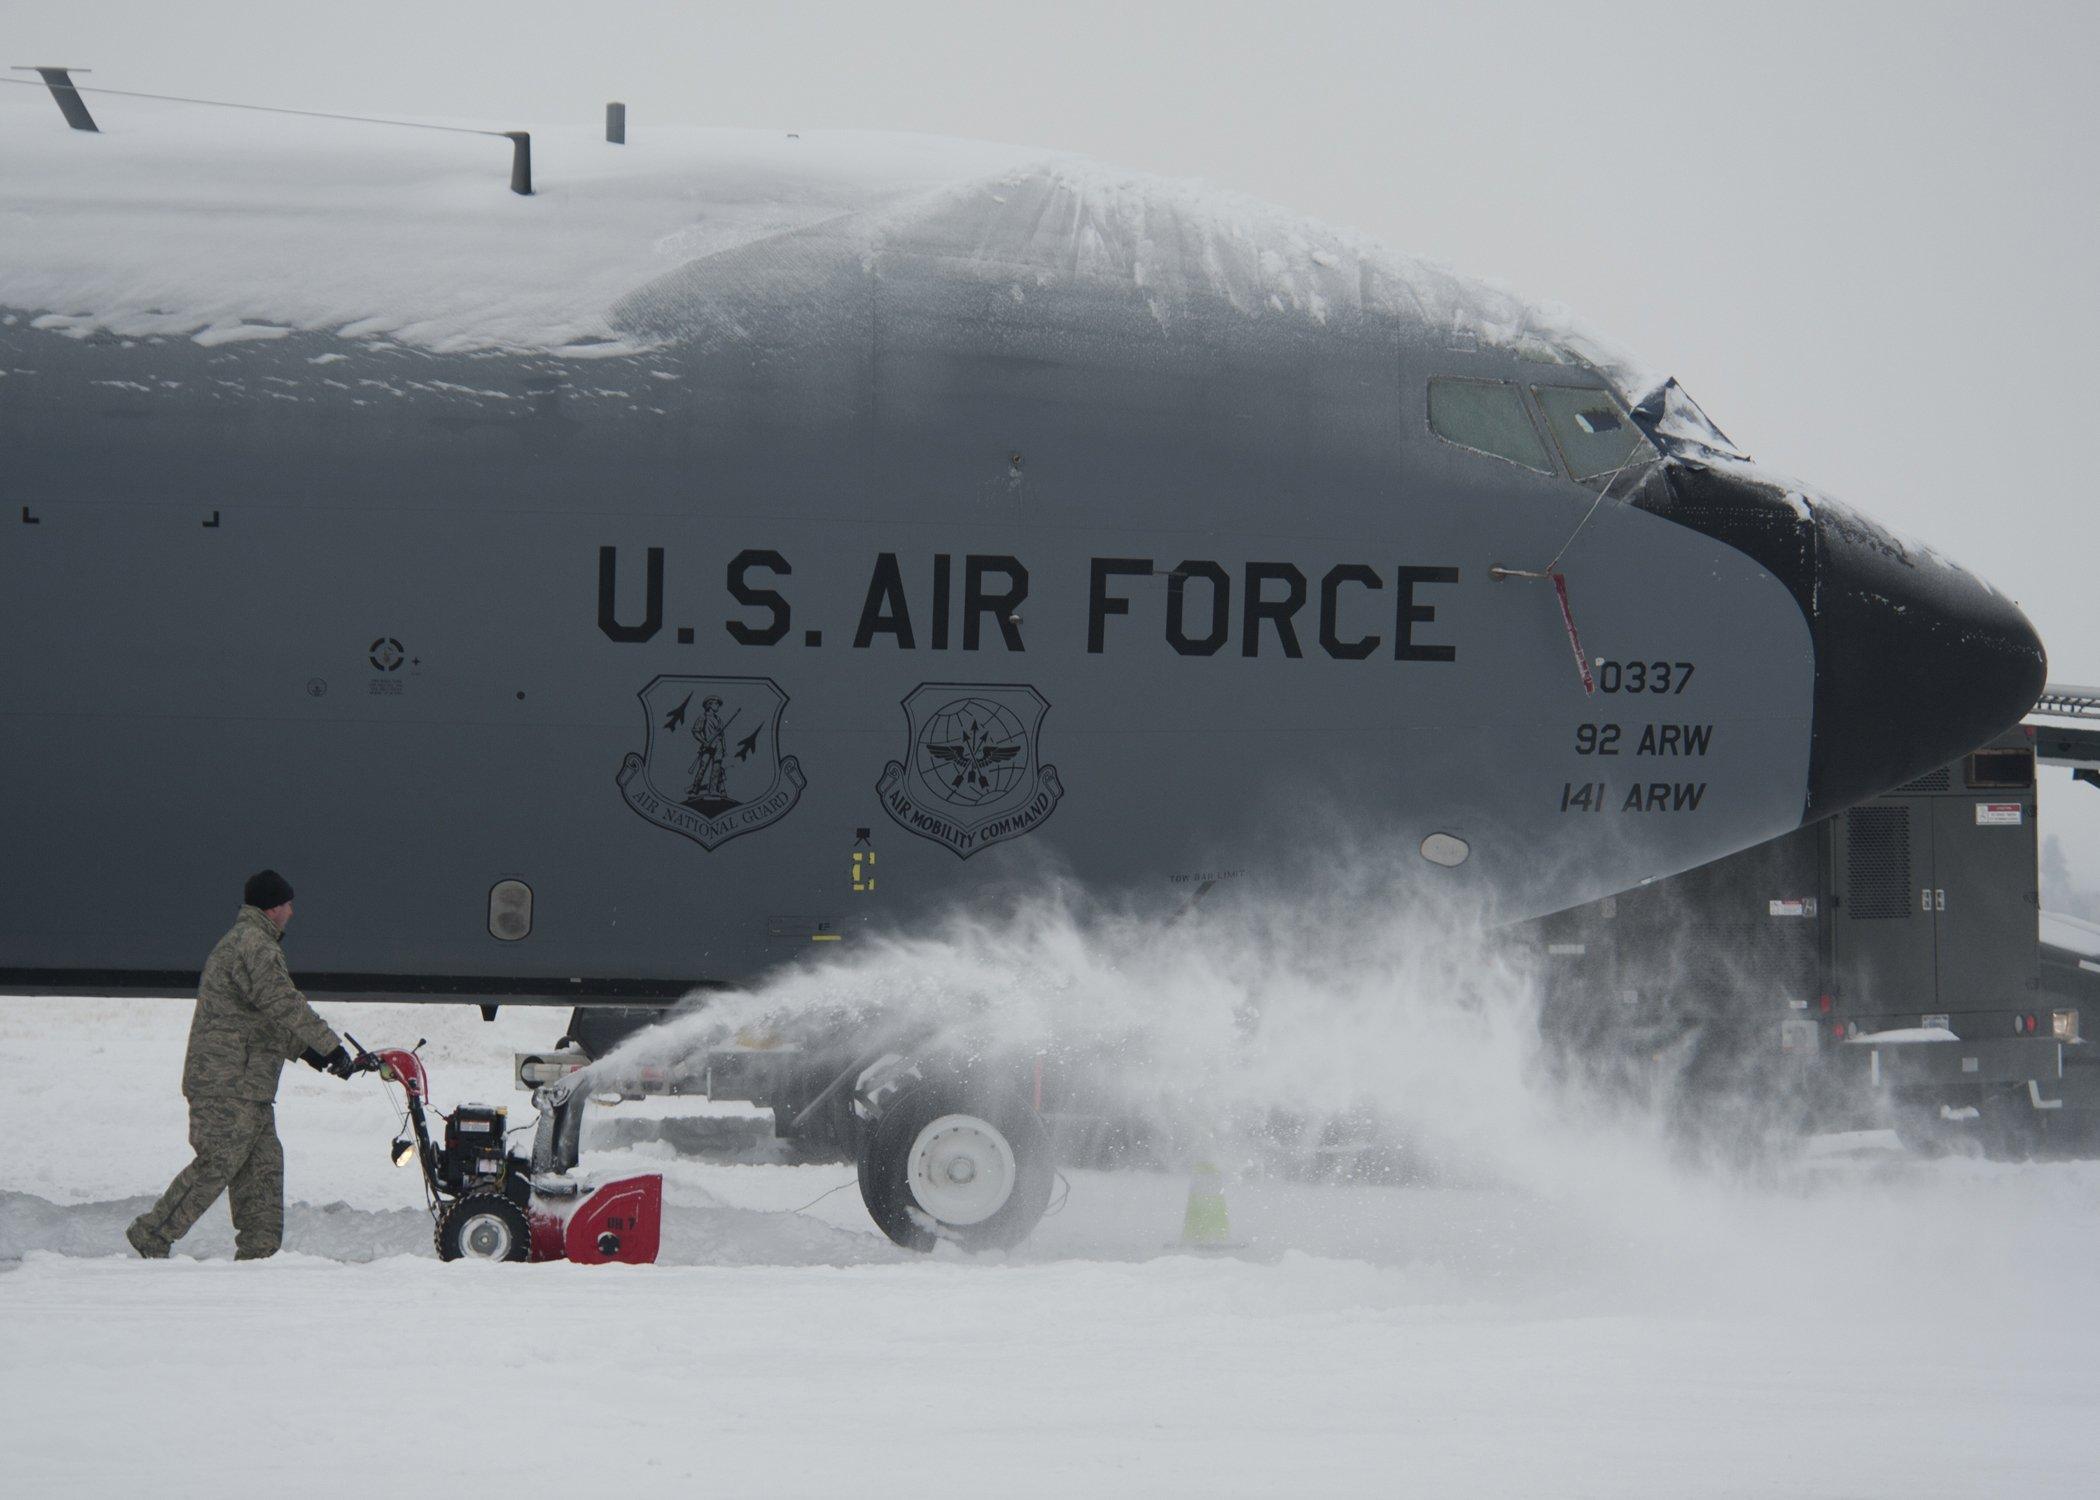 Mit kleinen und noch deutlich größeren Schneepflügen werden die Militärflugzeuge auf amerikanischen Luftwaffenbasen vom Schnee befreit.